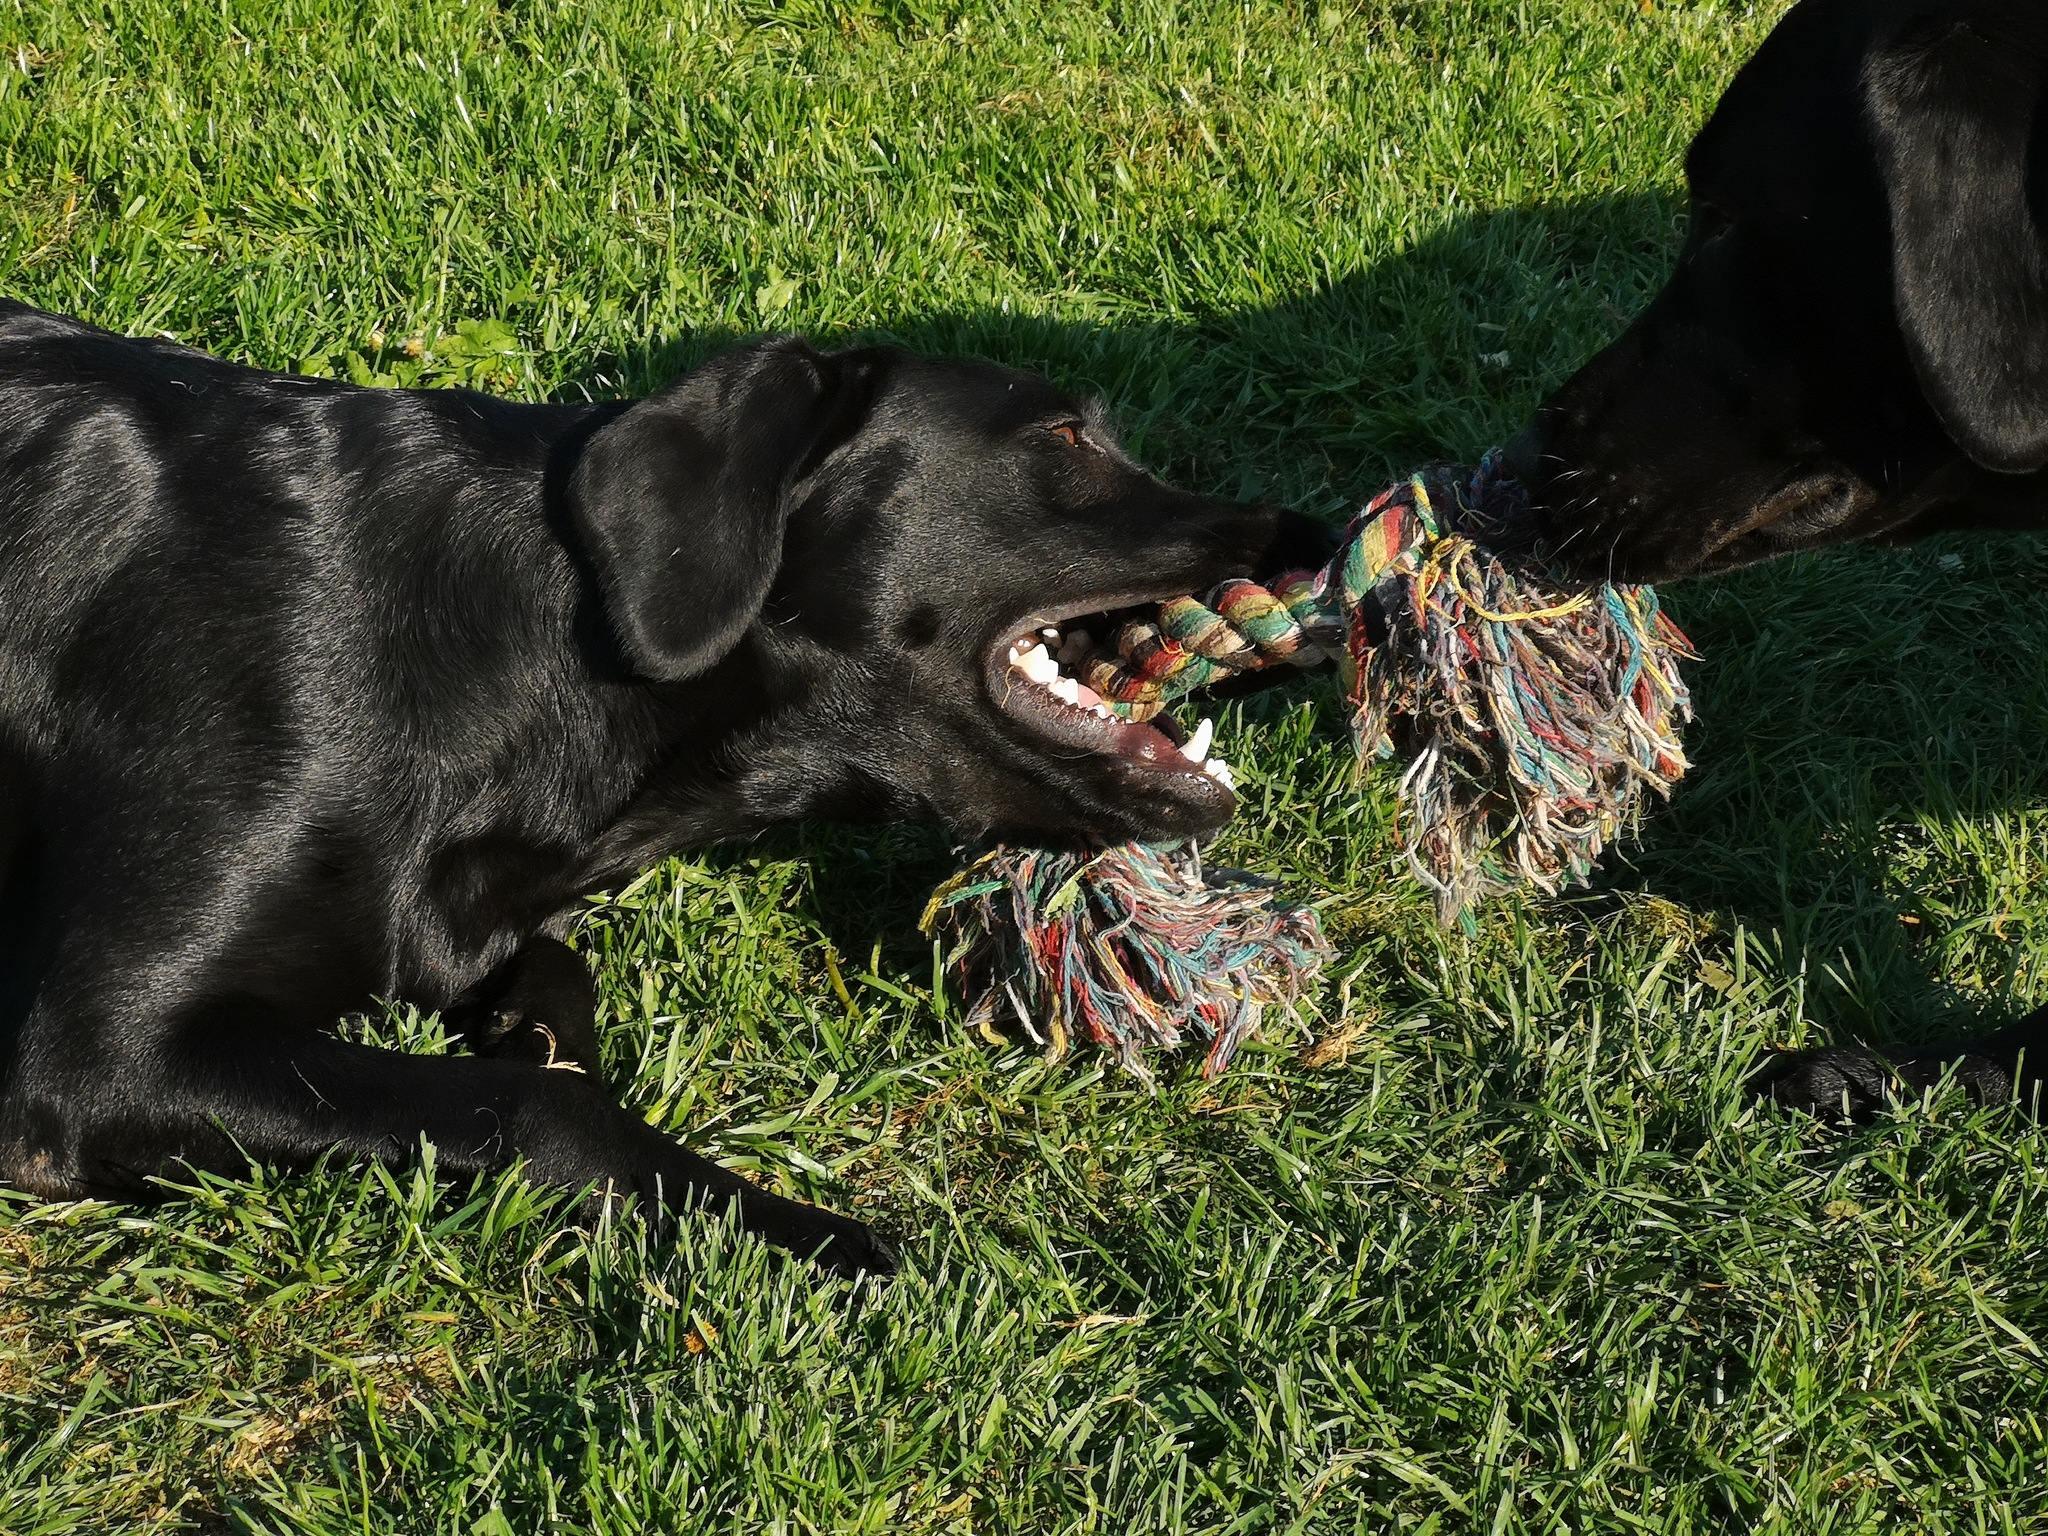 Kenzie (højre) og Indy (venstre)